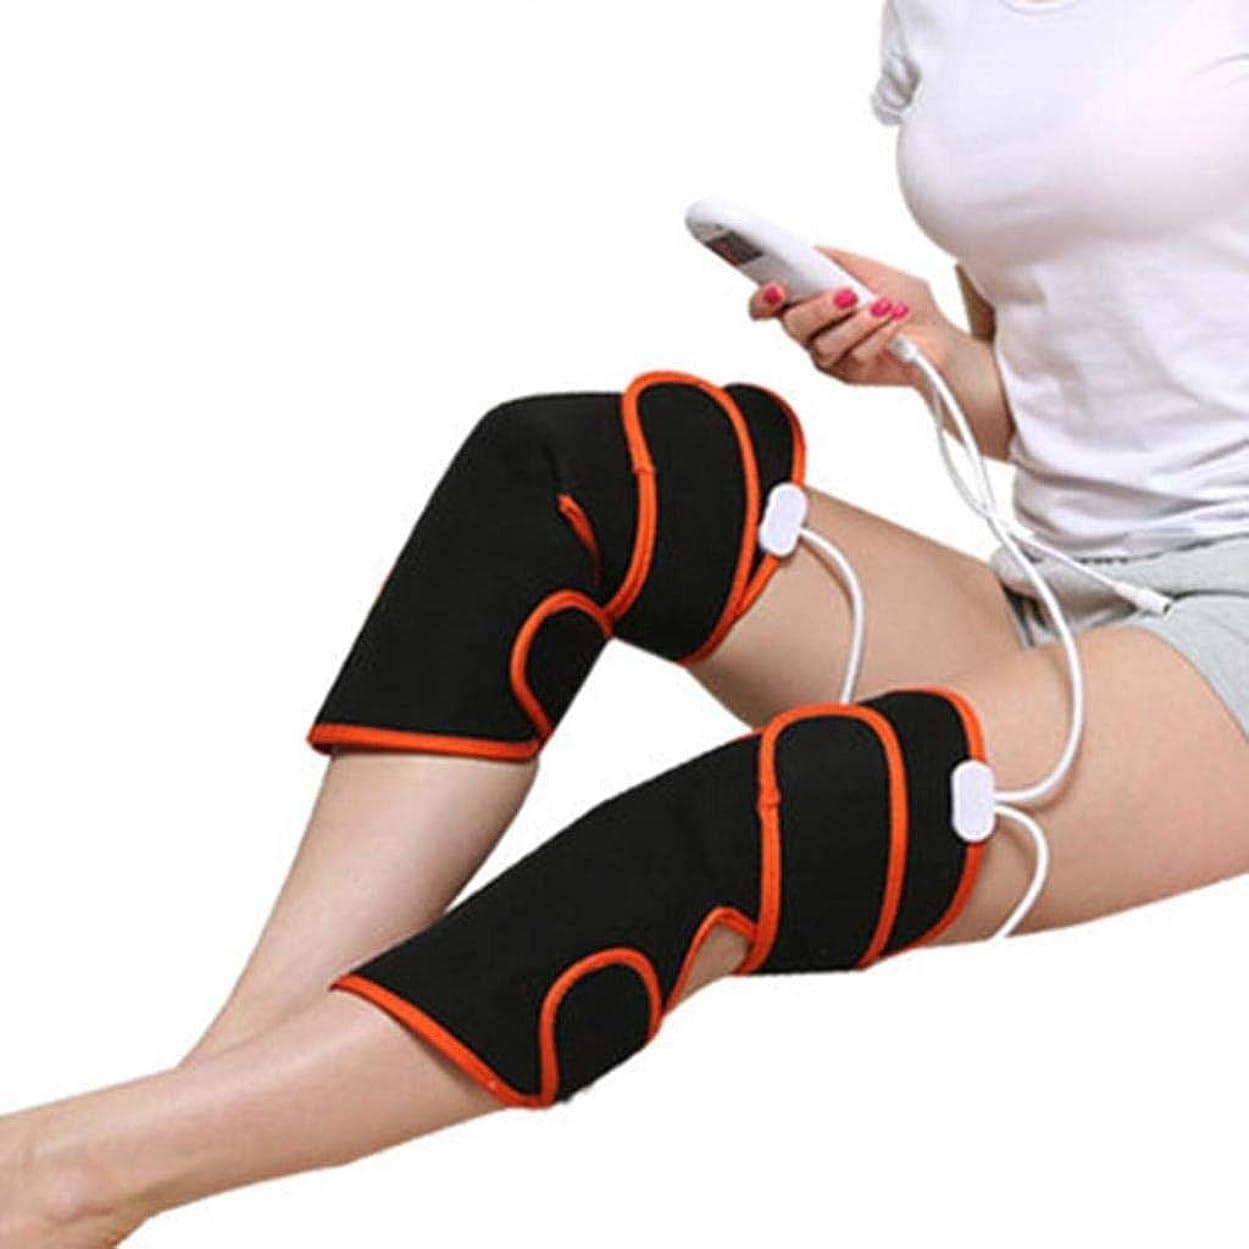 あなたが良くなりますソケット予報暖房付き膝マッサージャー、電動バイブレーションマッサージャー、膝マッサージャーを定期的に加熱できます、筋肉の痛みを緩和するモード、9モード、冷たい脚、骨過形成患者、術後リハビリ